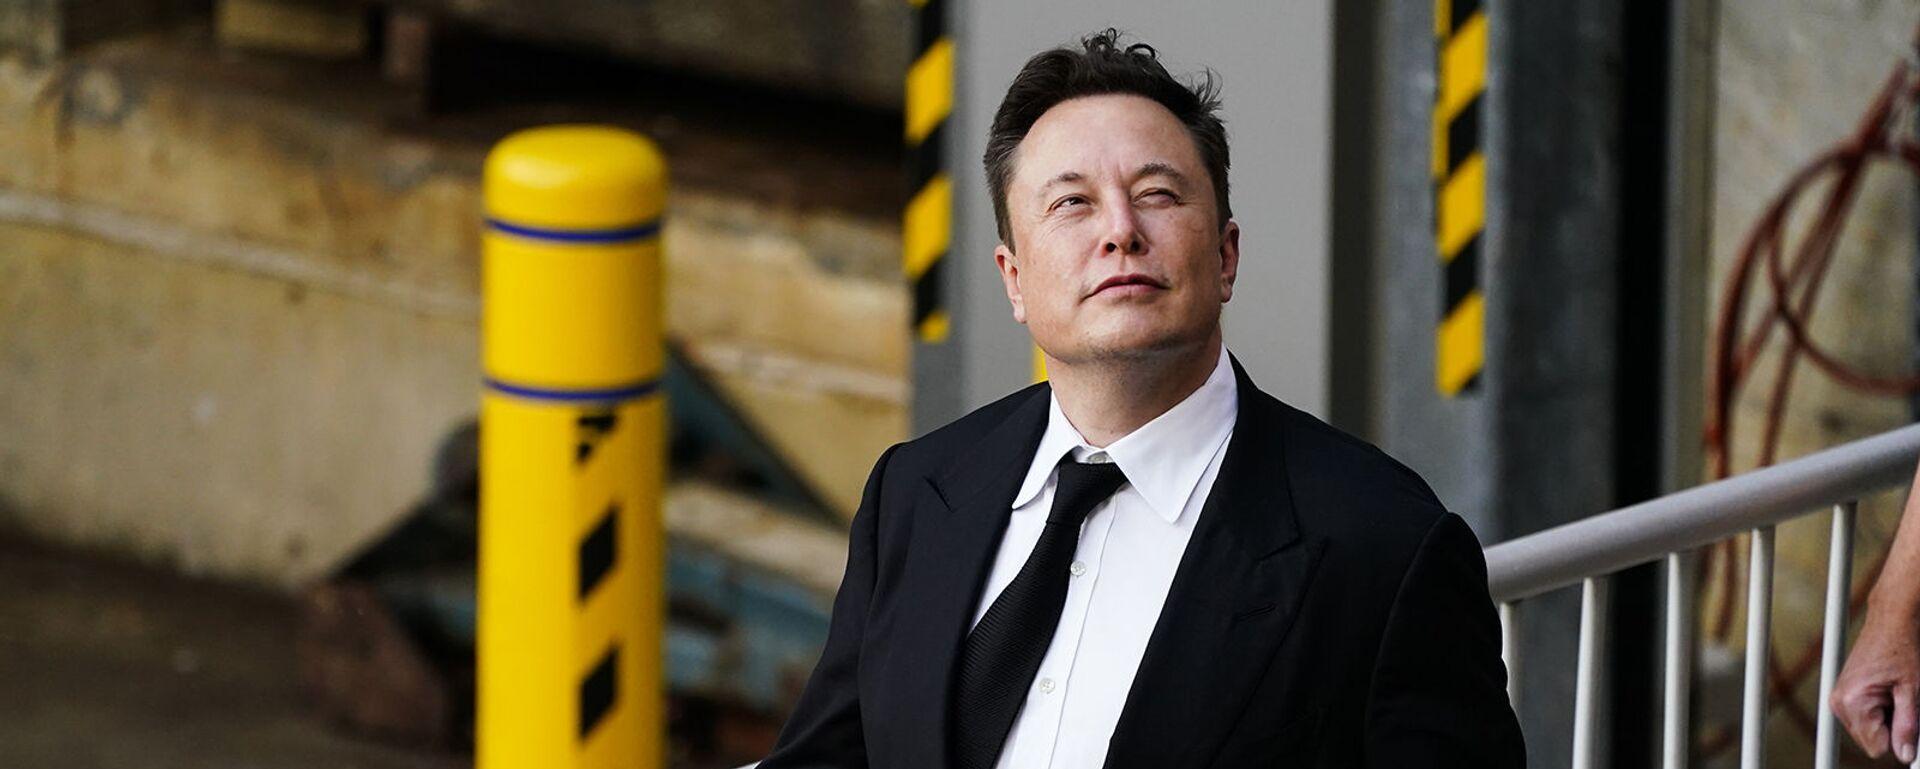 Генеральный директор SpaceX и Tesla Motors Илон Маск выходит из центра правосудия (12 июля 2021). Уилмингтон - Sputnik Армения, 1920, 13.09.2021